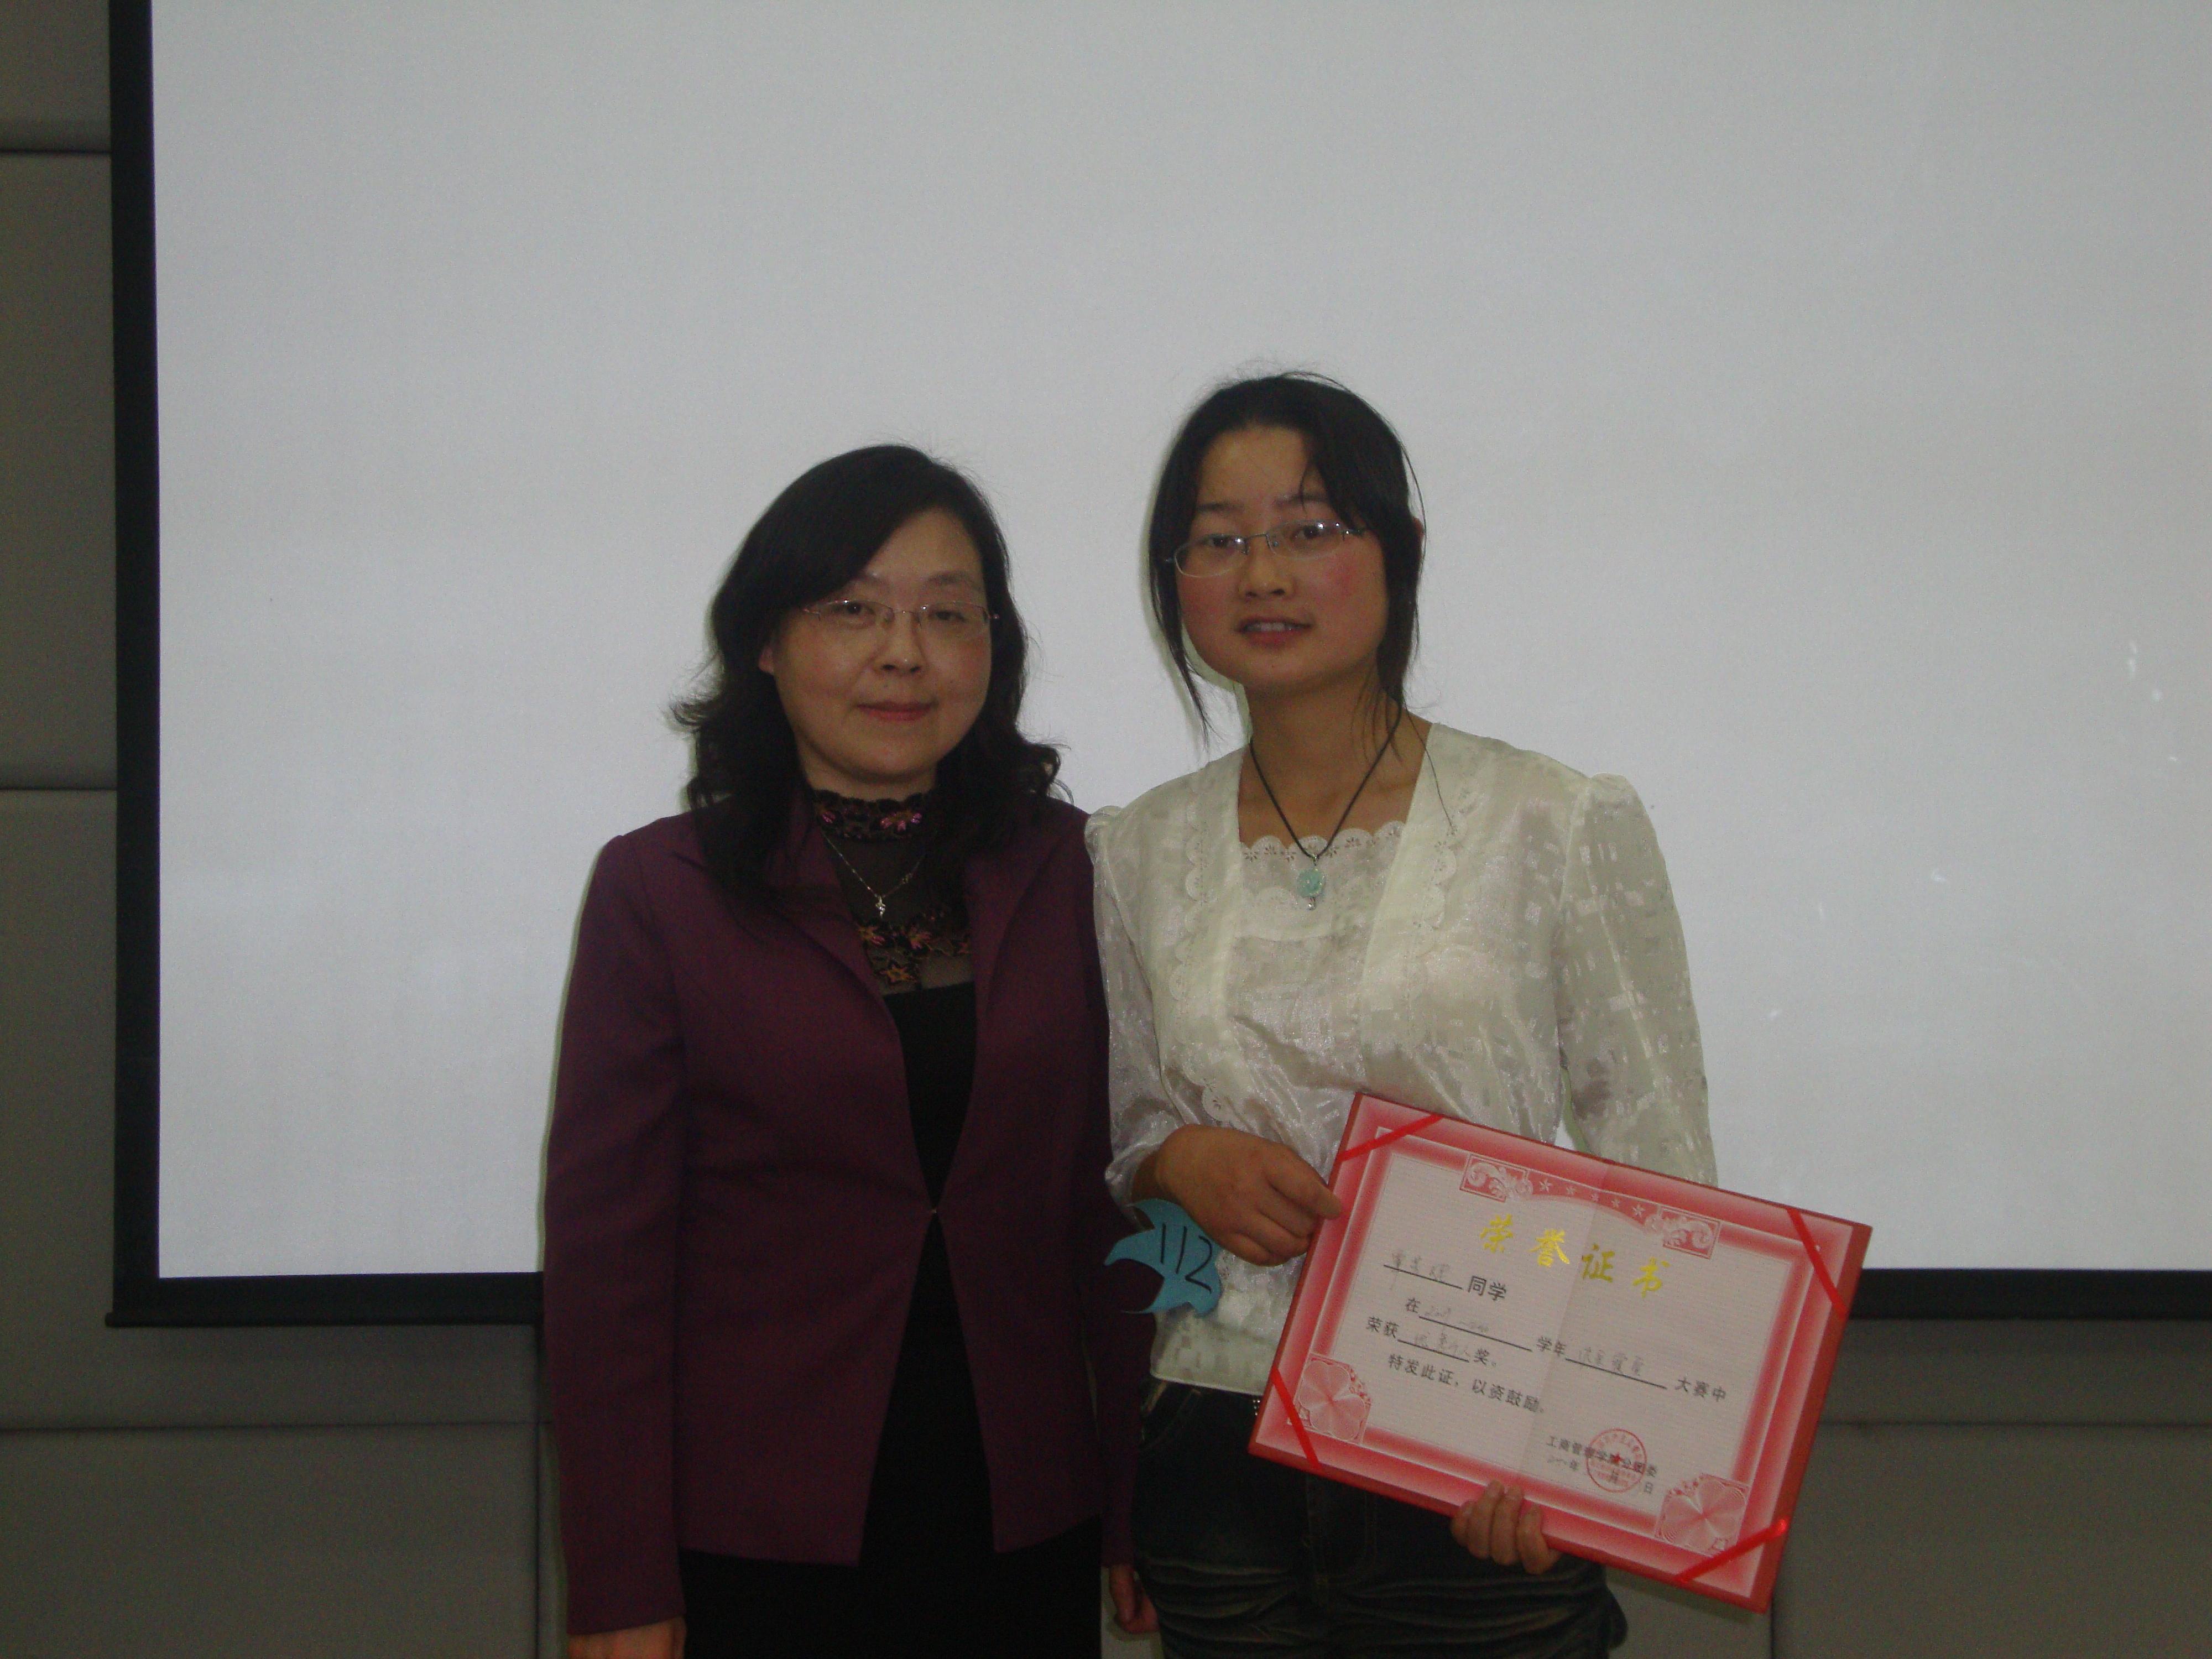 图三:王红书记与风采之星覃芳妮留影-工商管理学院2010年度风采寝